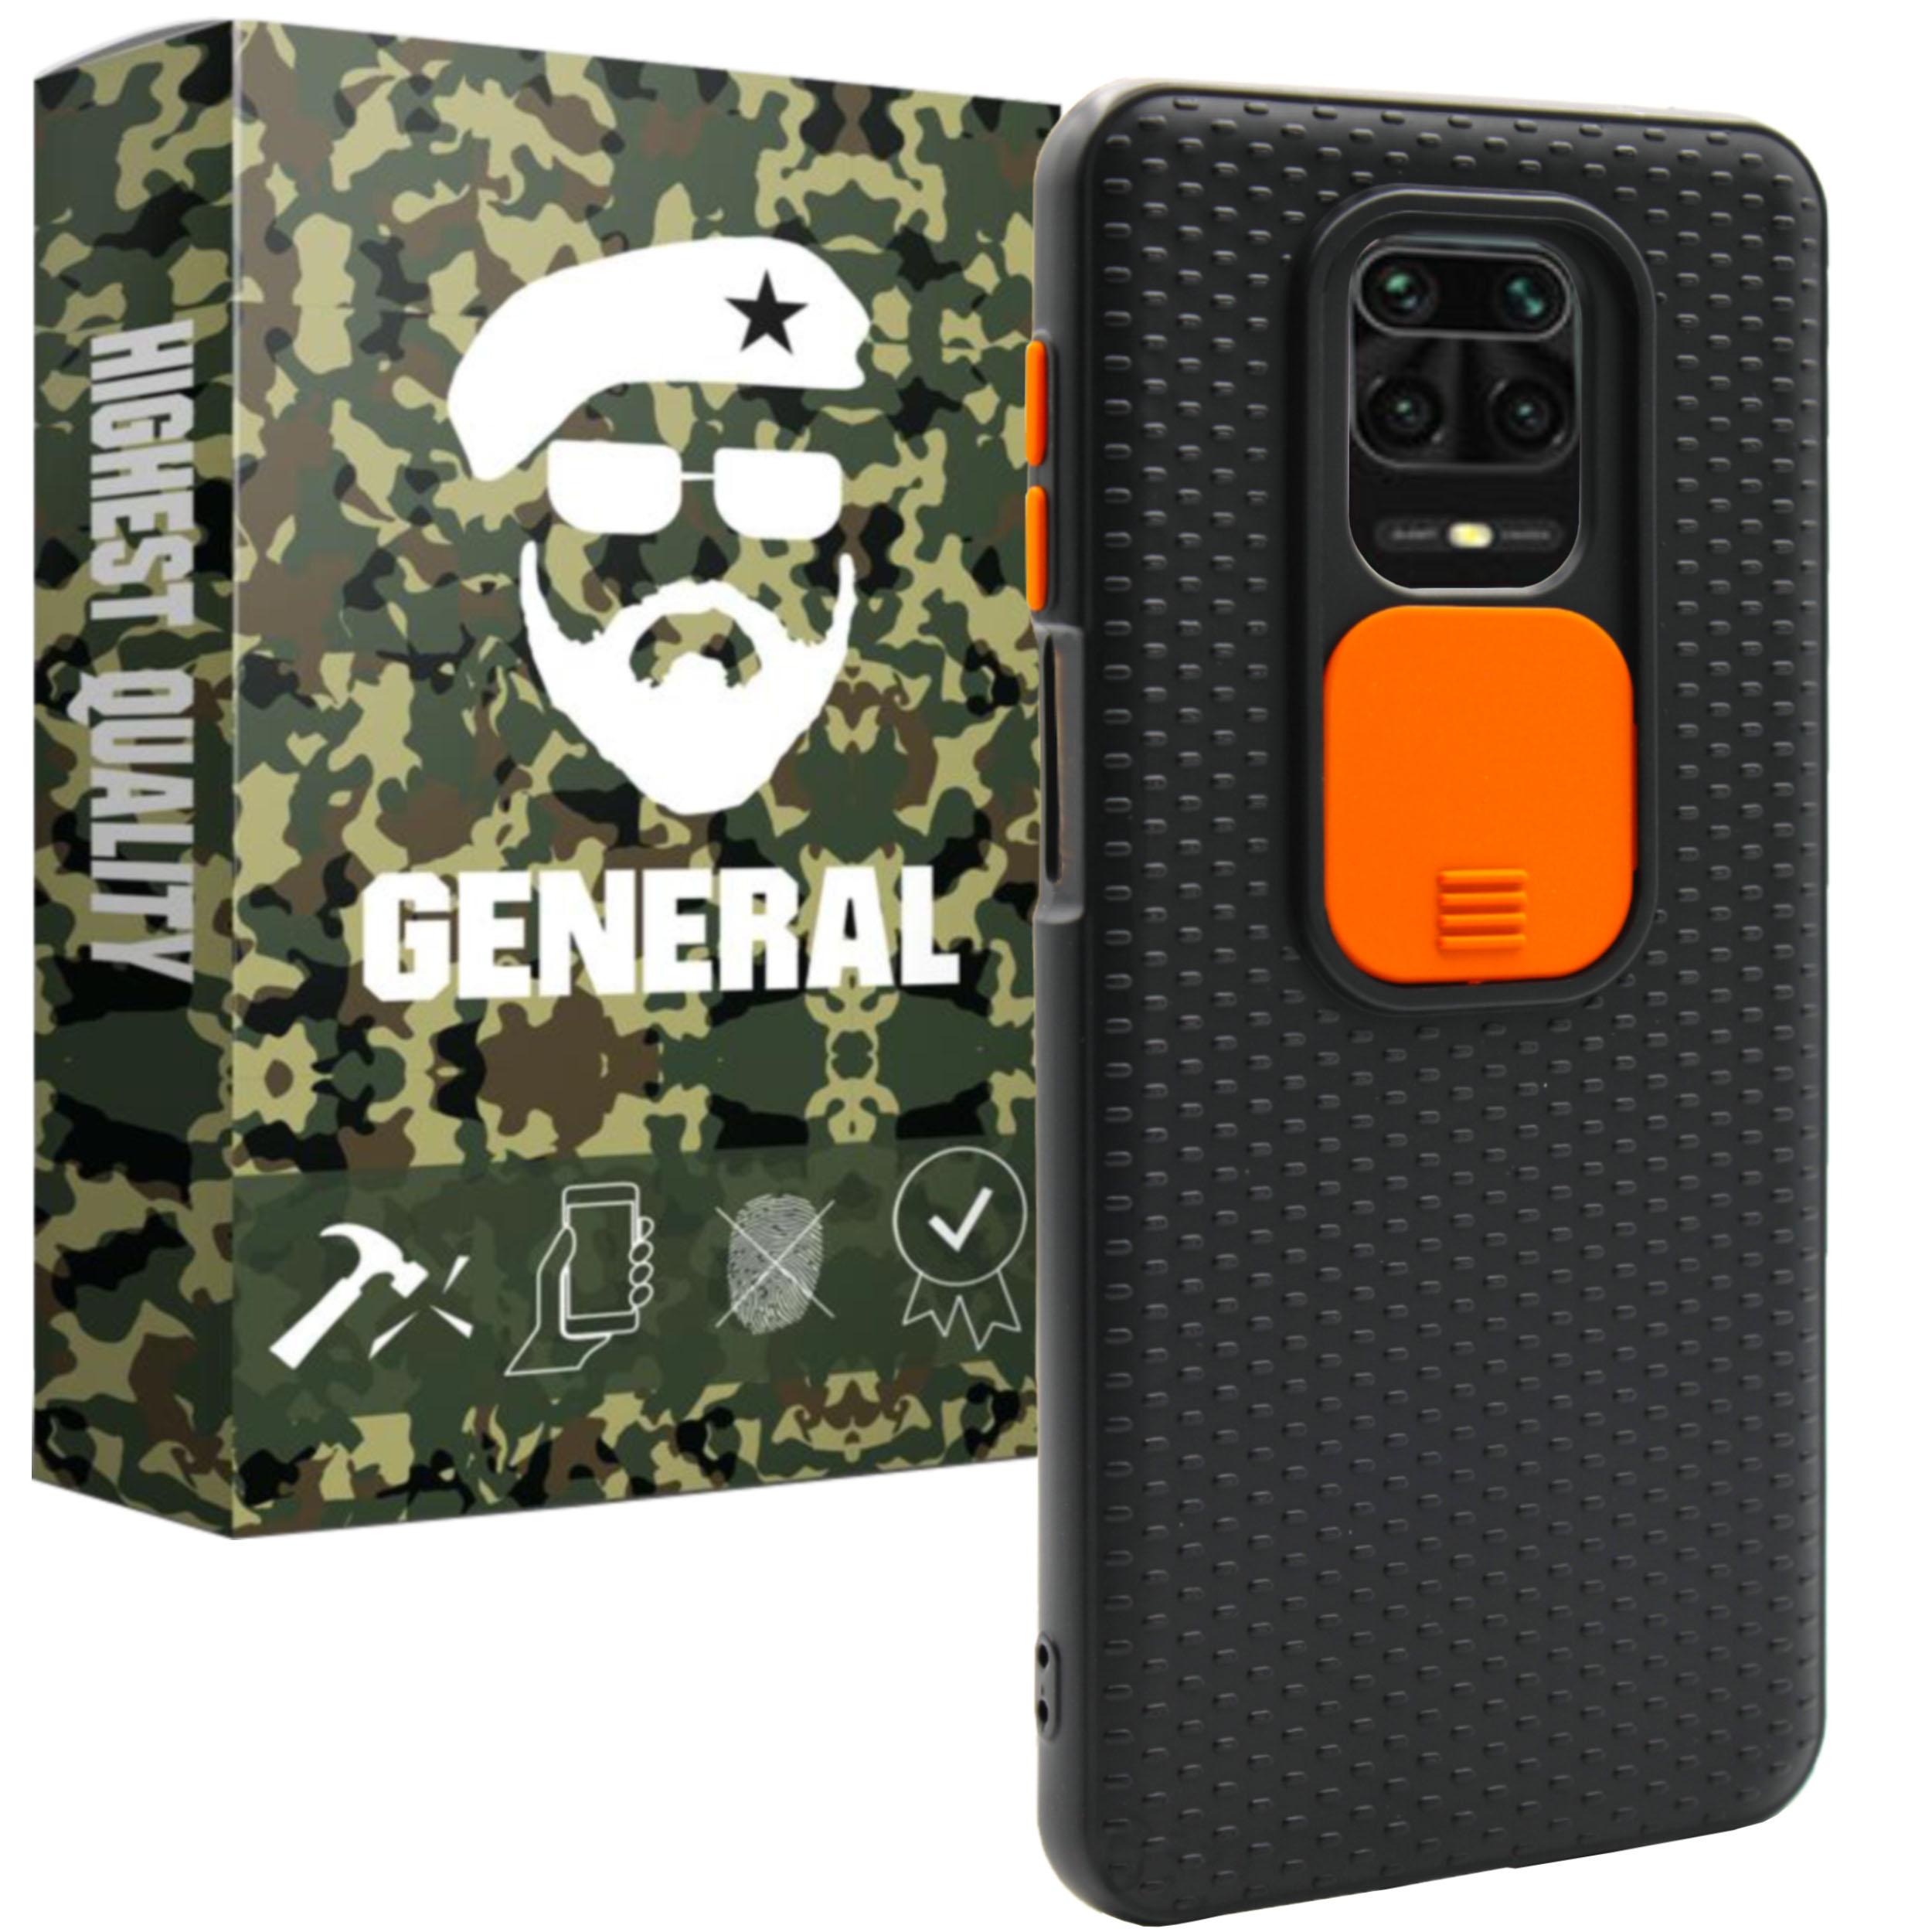 کاور ژنرال مدل X21 مناسب برای گوشی موبایل شیائومی Redmi Note 9S / Note 9 Pro / Note 9 Pro Max              ( قیمت و خرید)